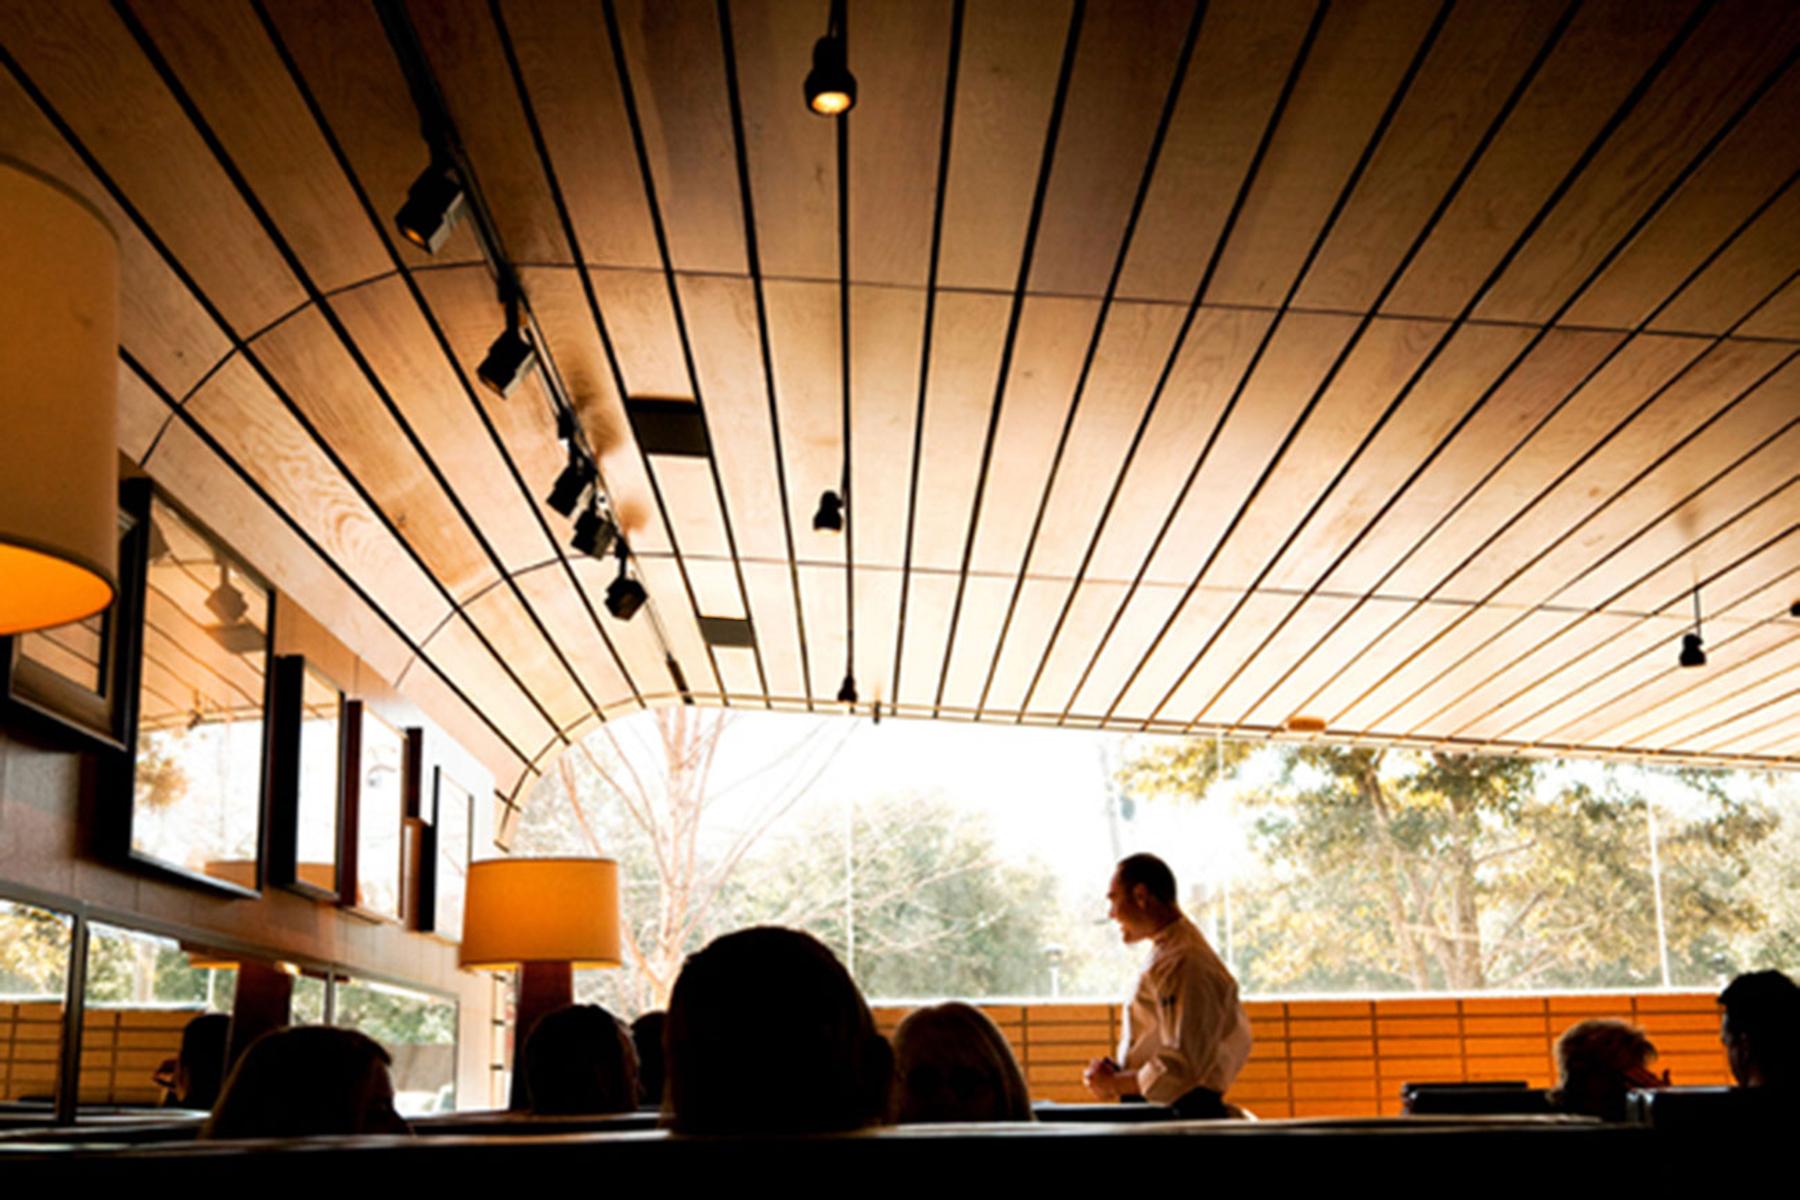 R+D Kitchen - Restaurant Audio System Integration - Paul Dexter